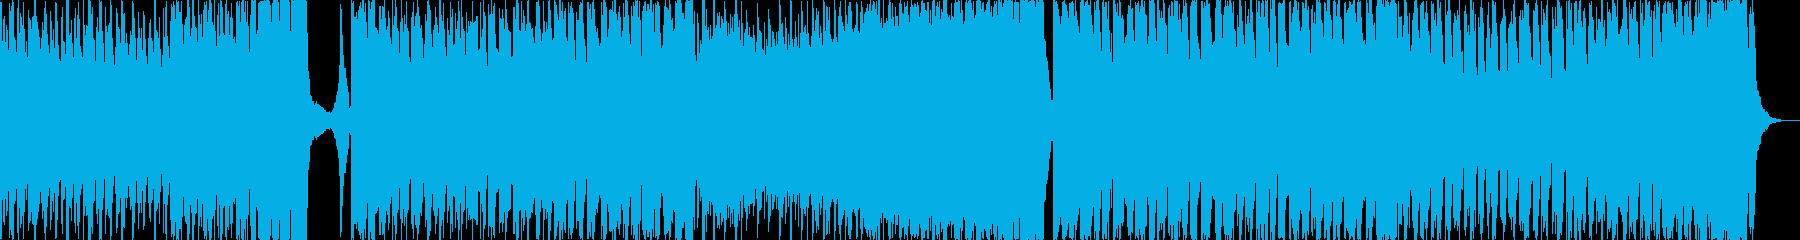 ハッピーダンスミュージックの再生済みの波形